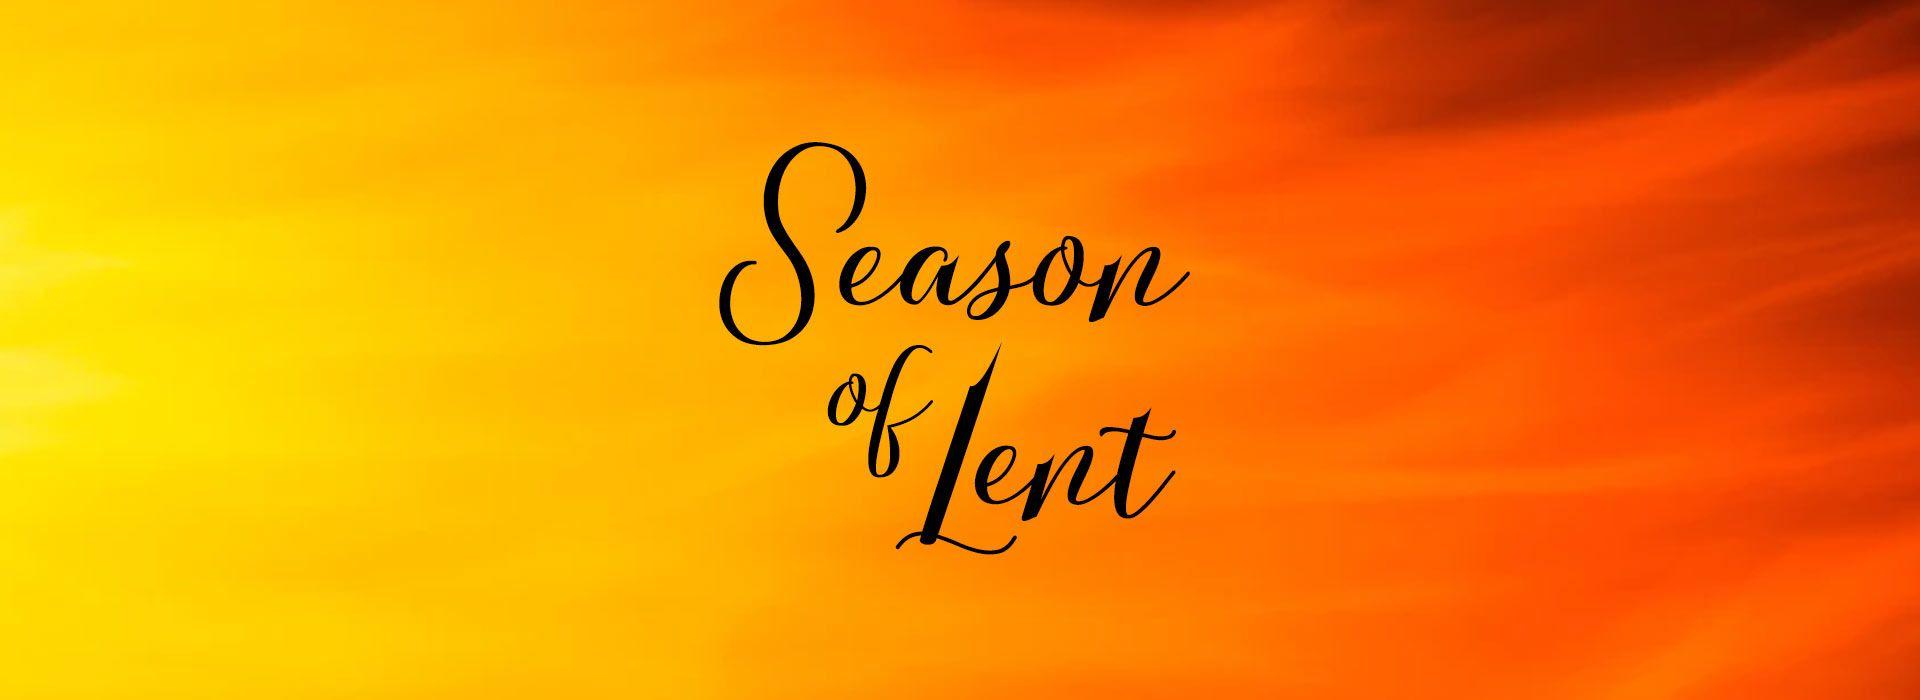 Season Of Lent 2021